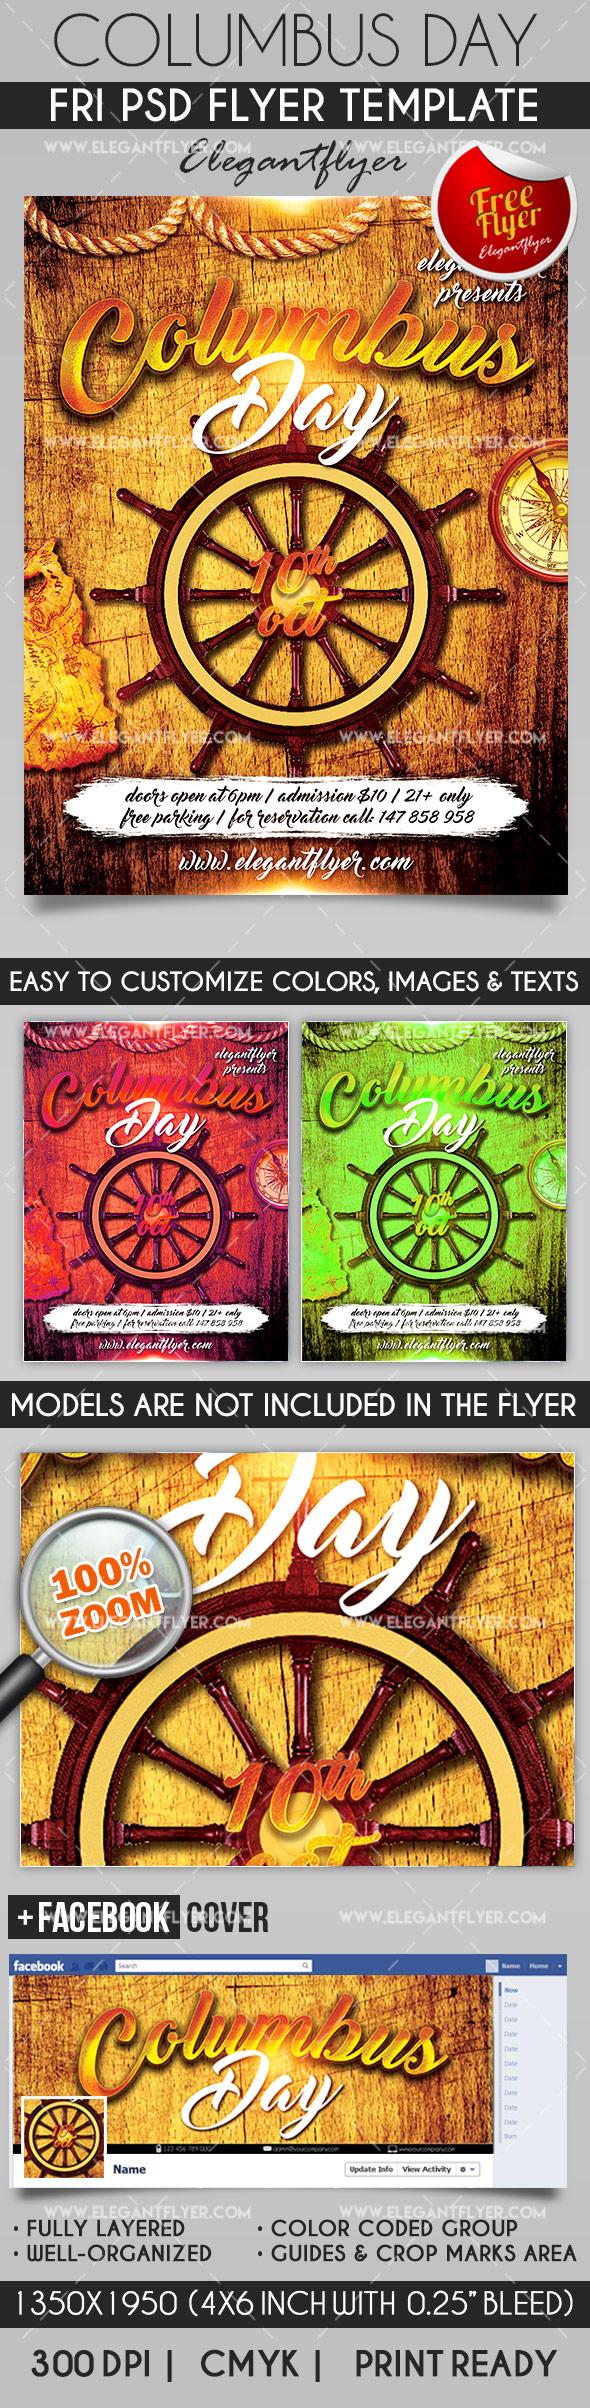 best dj show flyer psd template facebook cover columbus day flyer psd template facebook cover elegantflyer